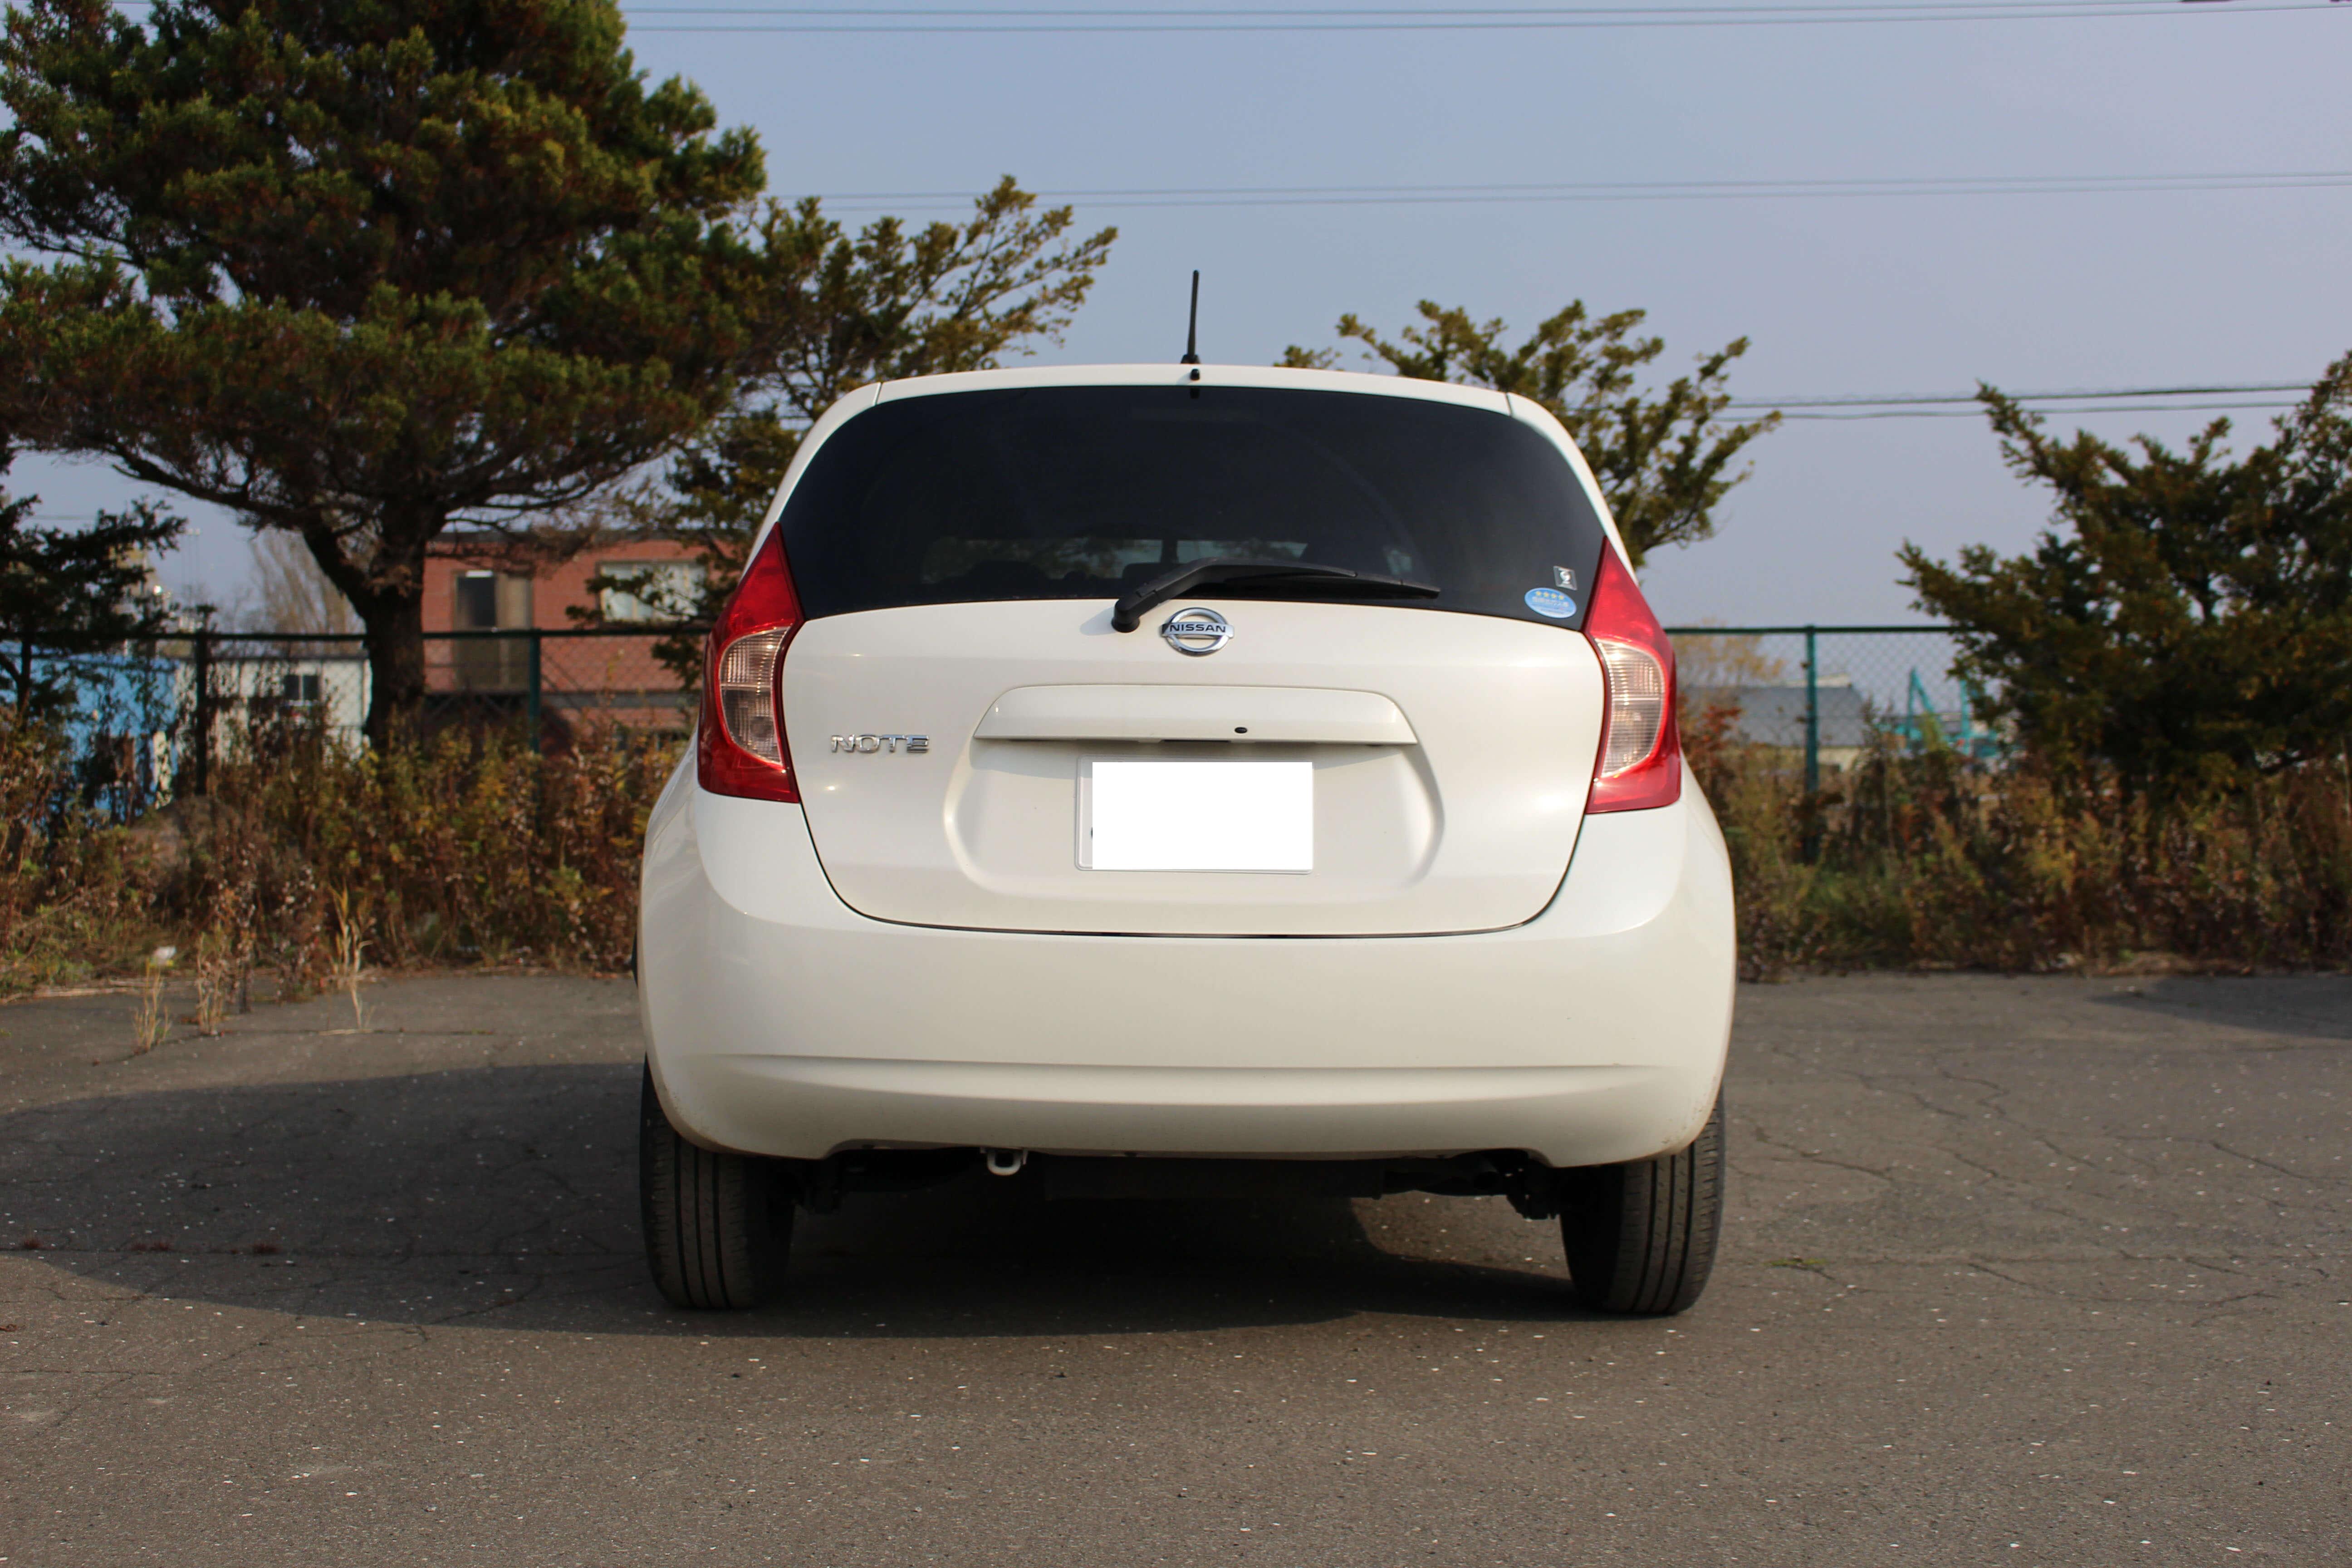 03//06-/>/> Radhausschale Innenkotflügel vorne links für Nissan NOTE E11 Bj